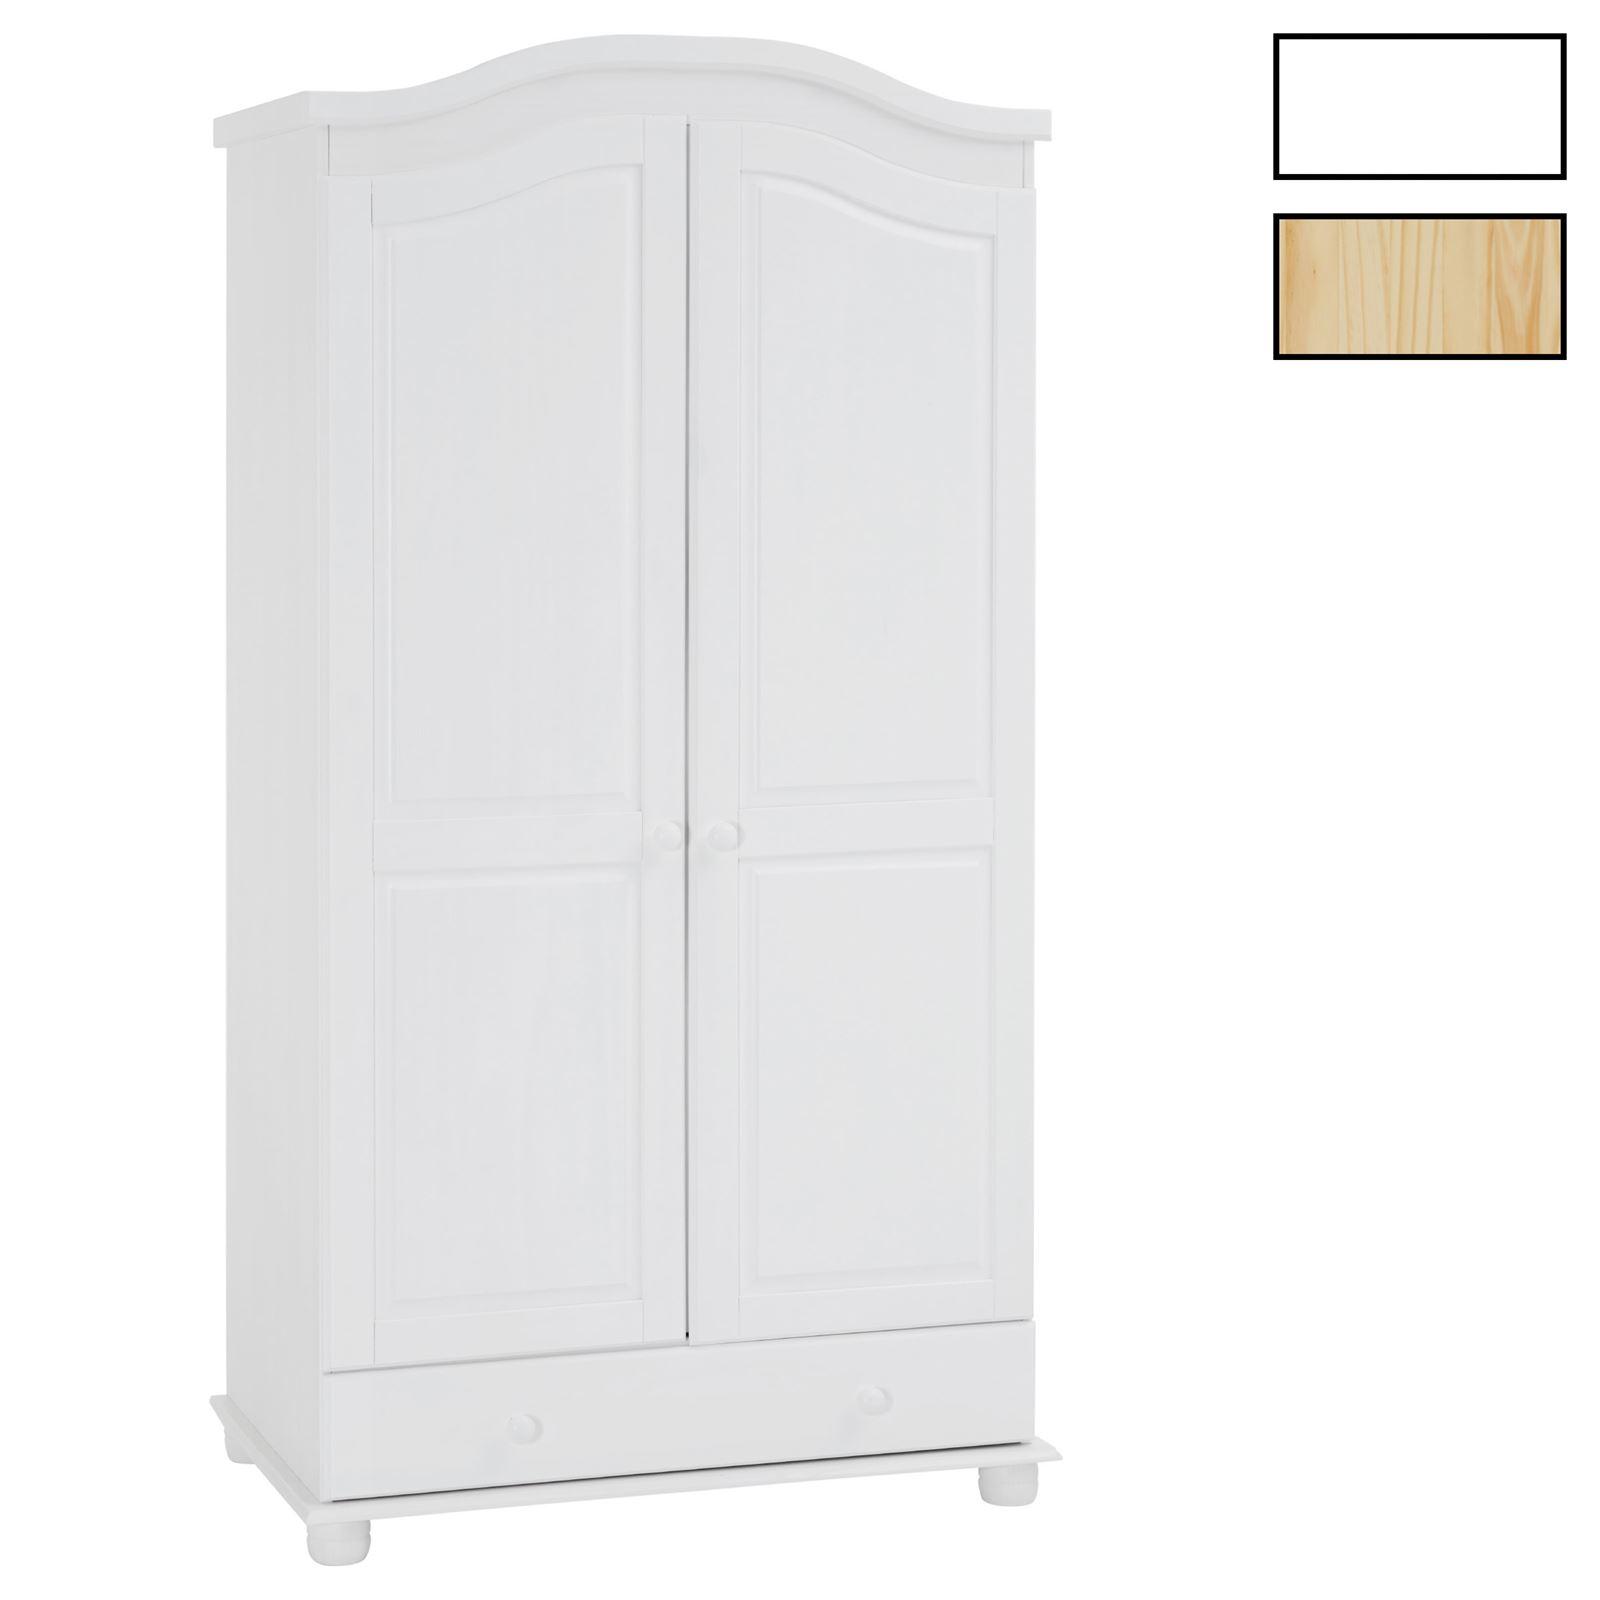 Garderobenschrank Dielenschrank BERGEN mit 2 Türen in 4 Farben ...